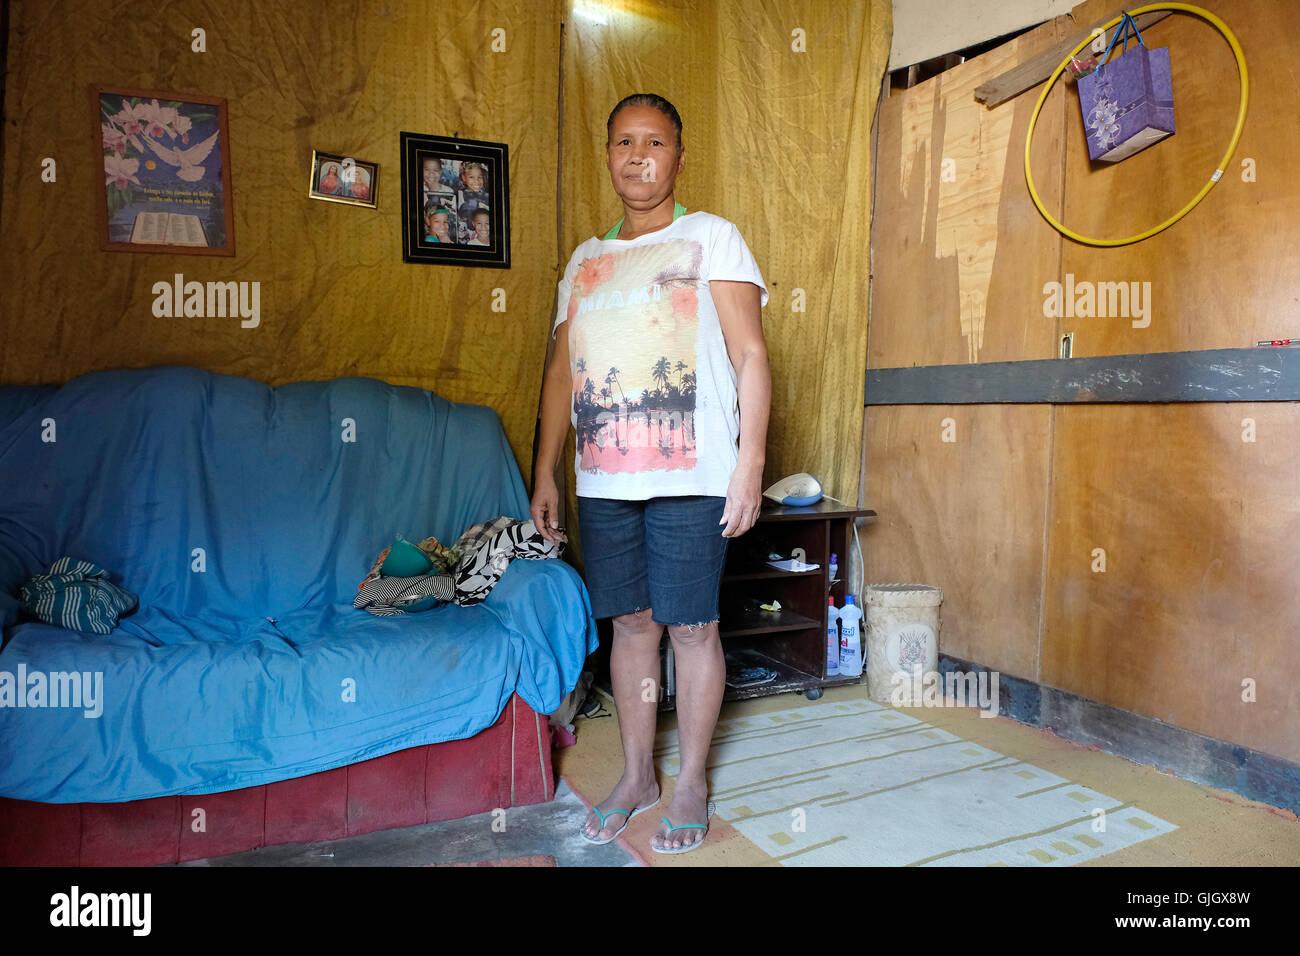 fdaaf032554ed0 Mara-Luisa in ihrer Baracke, wo sie mit ihren drei Kindern in einer  Siedlung in den Deponien Gramacho in Rio Den Janeiro, Brasilien, 13 Augsut  2016 lebt, ...